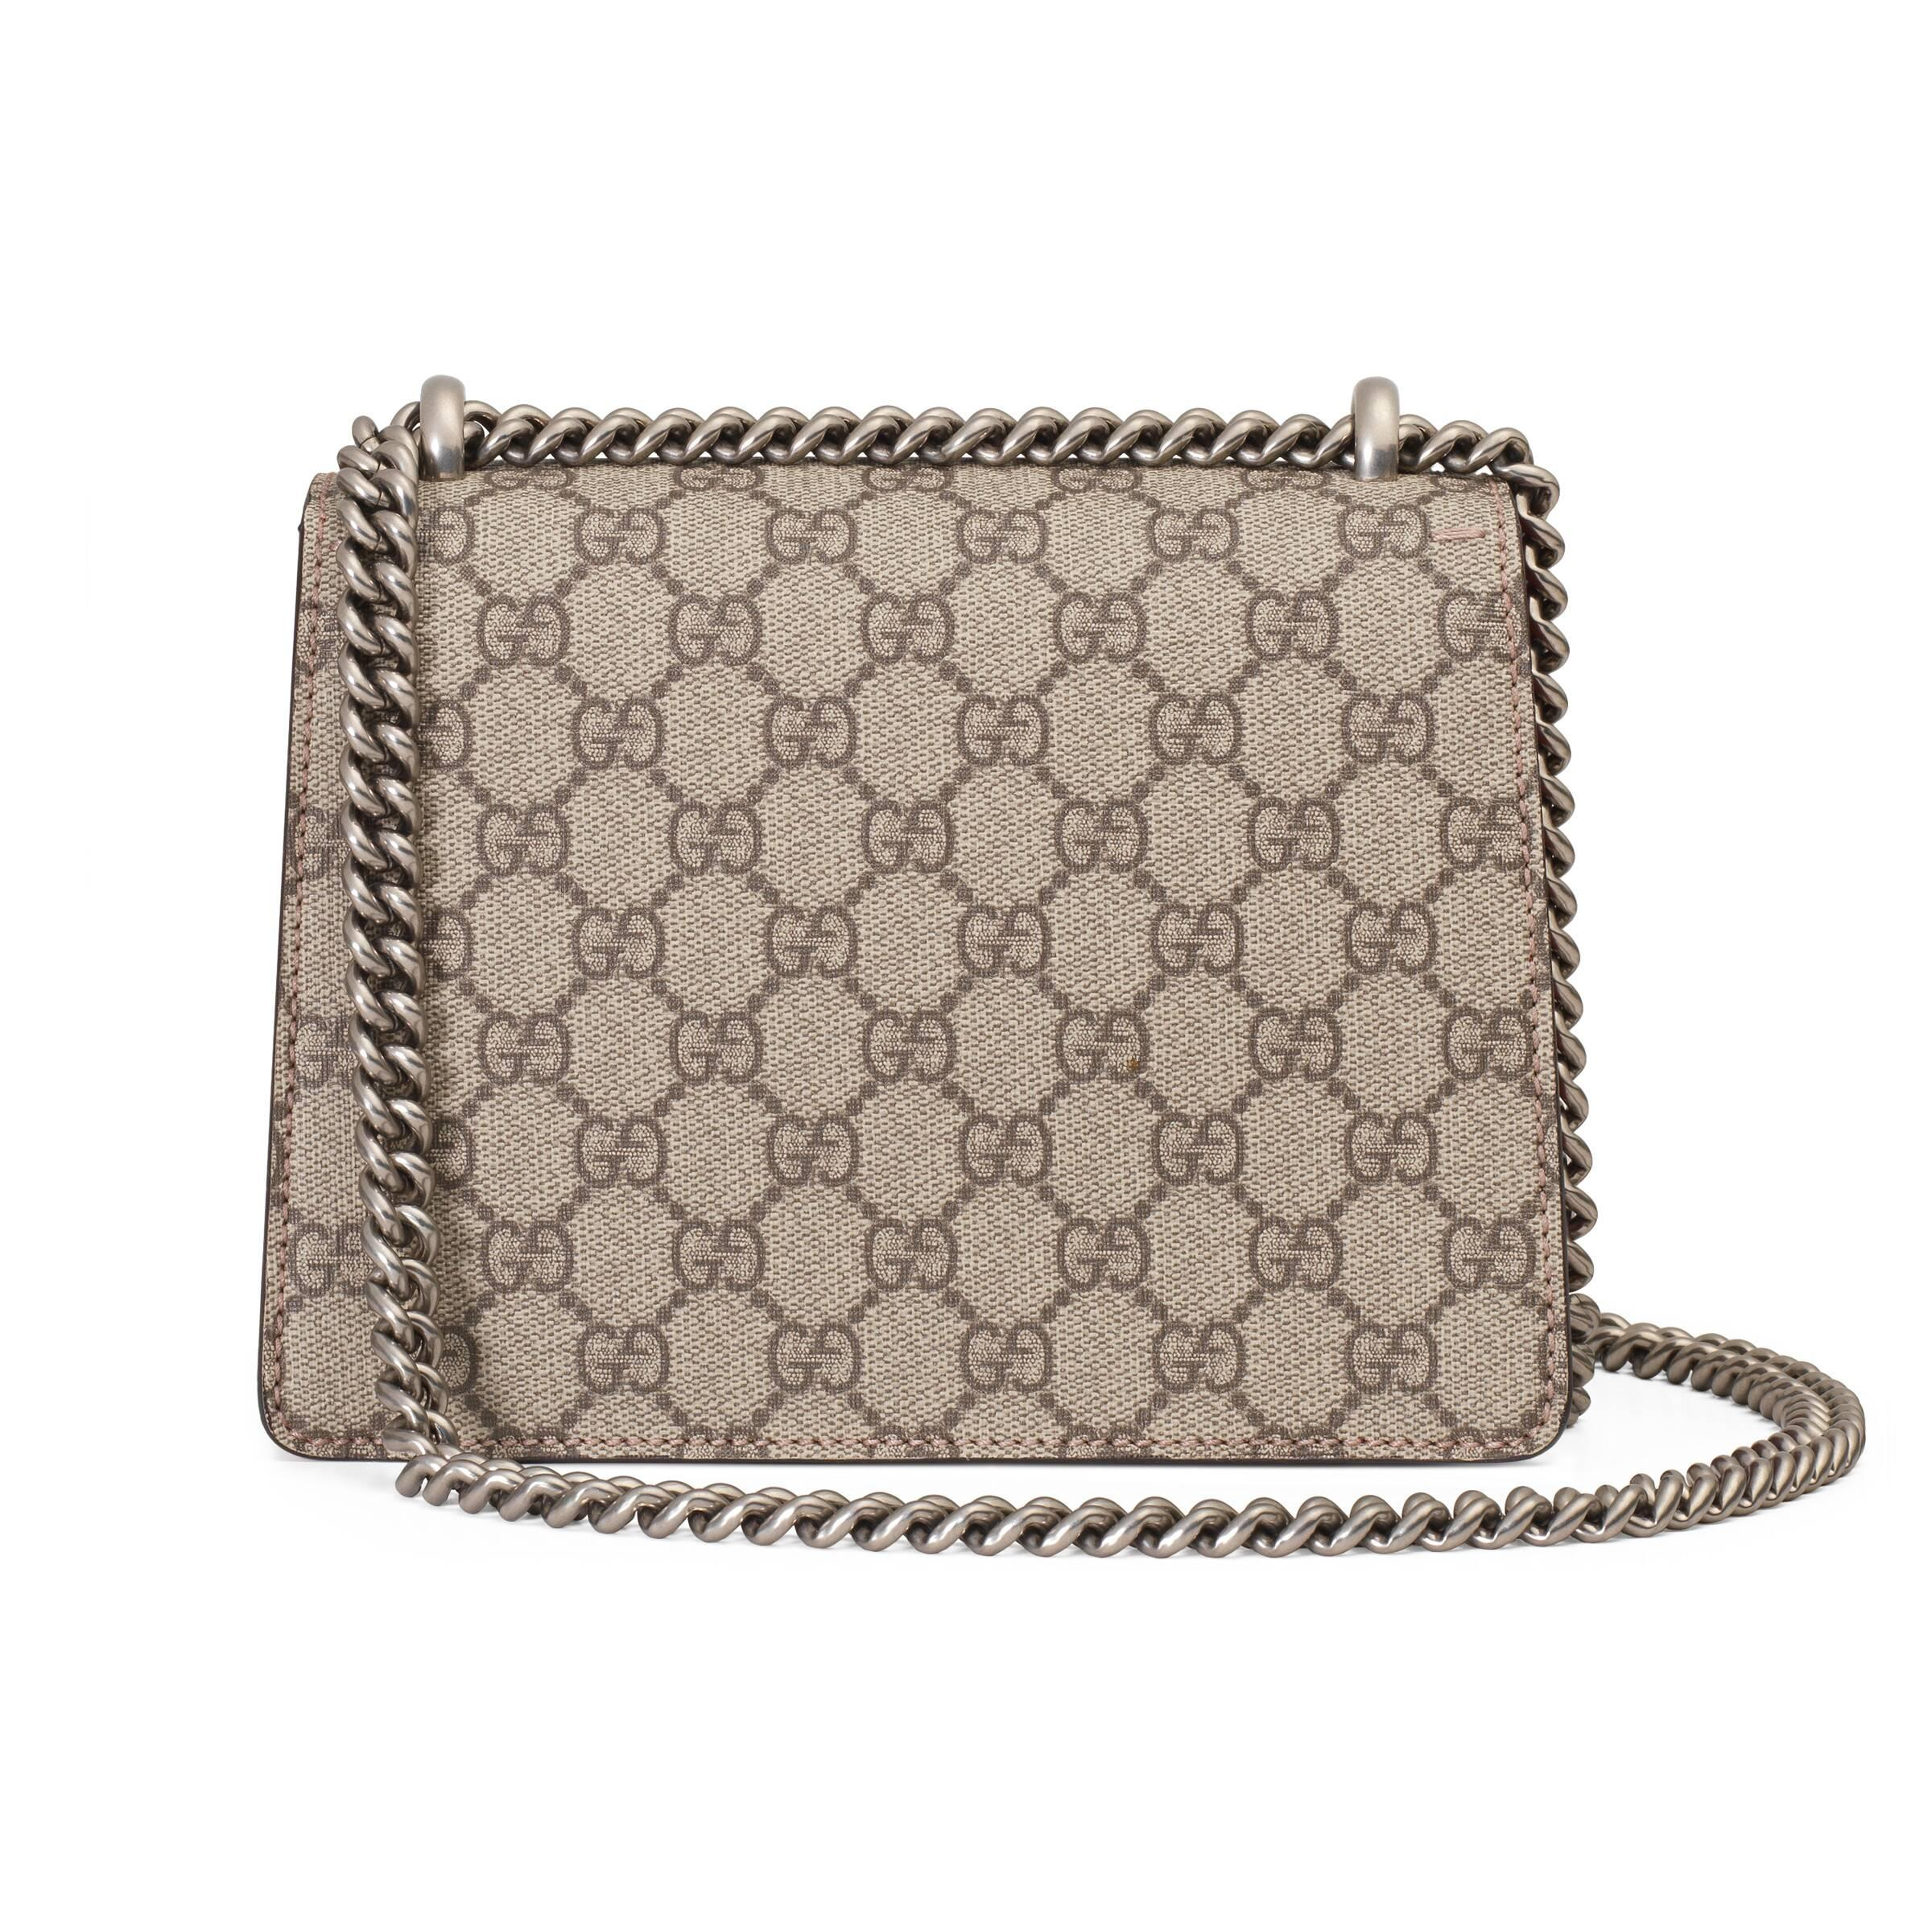 57bdb6d36 ... Dionysus GG Supreme Mini Bag - Lyst. Visit Gucci. Tap to visit site